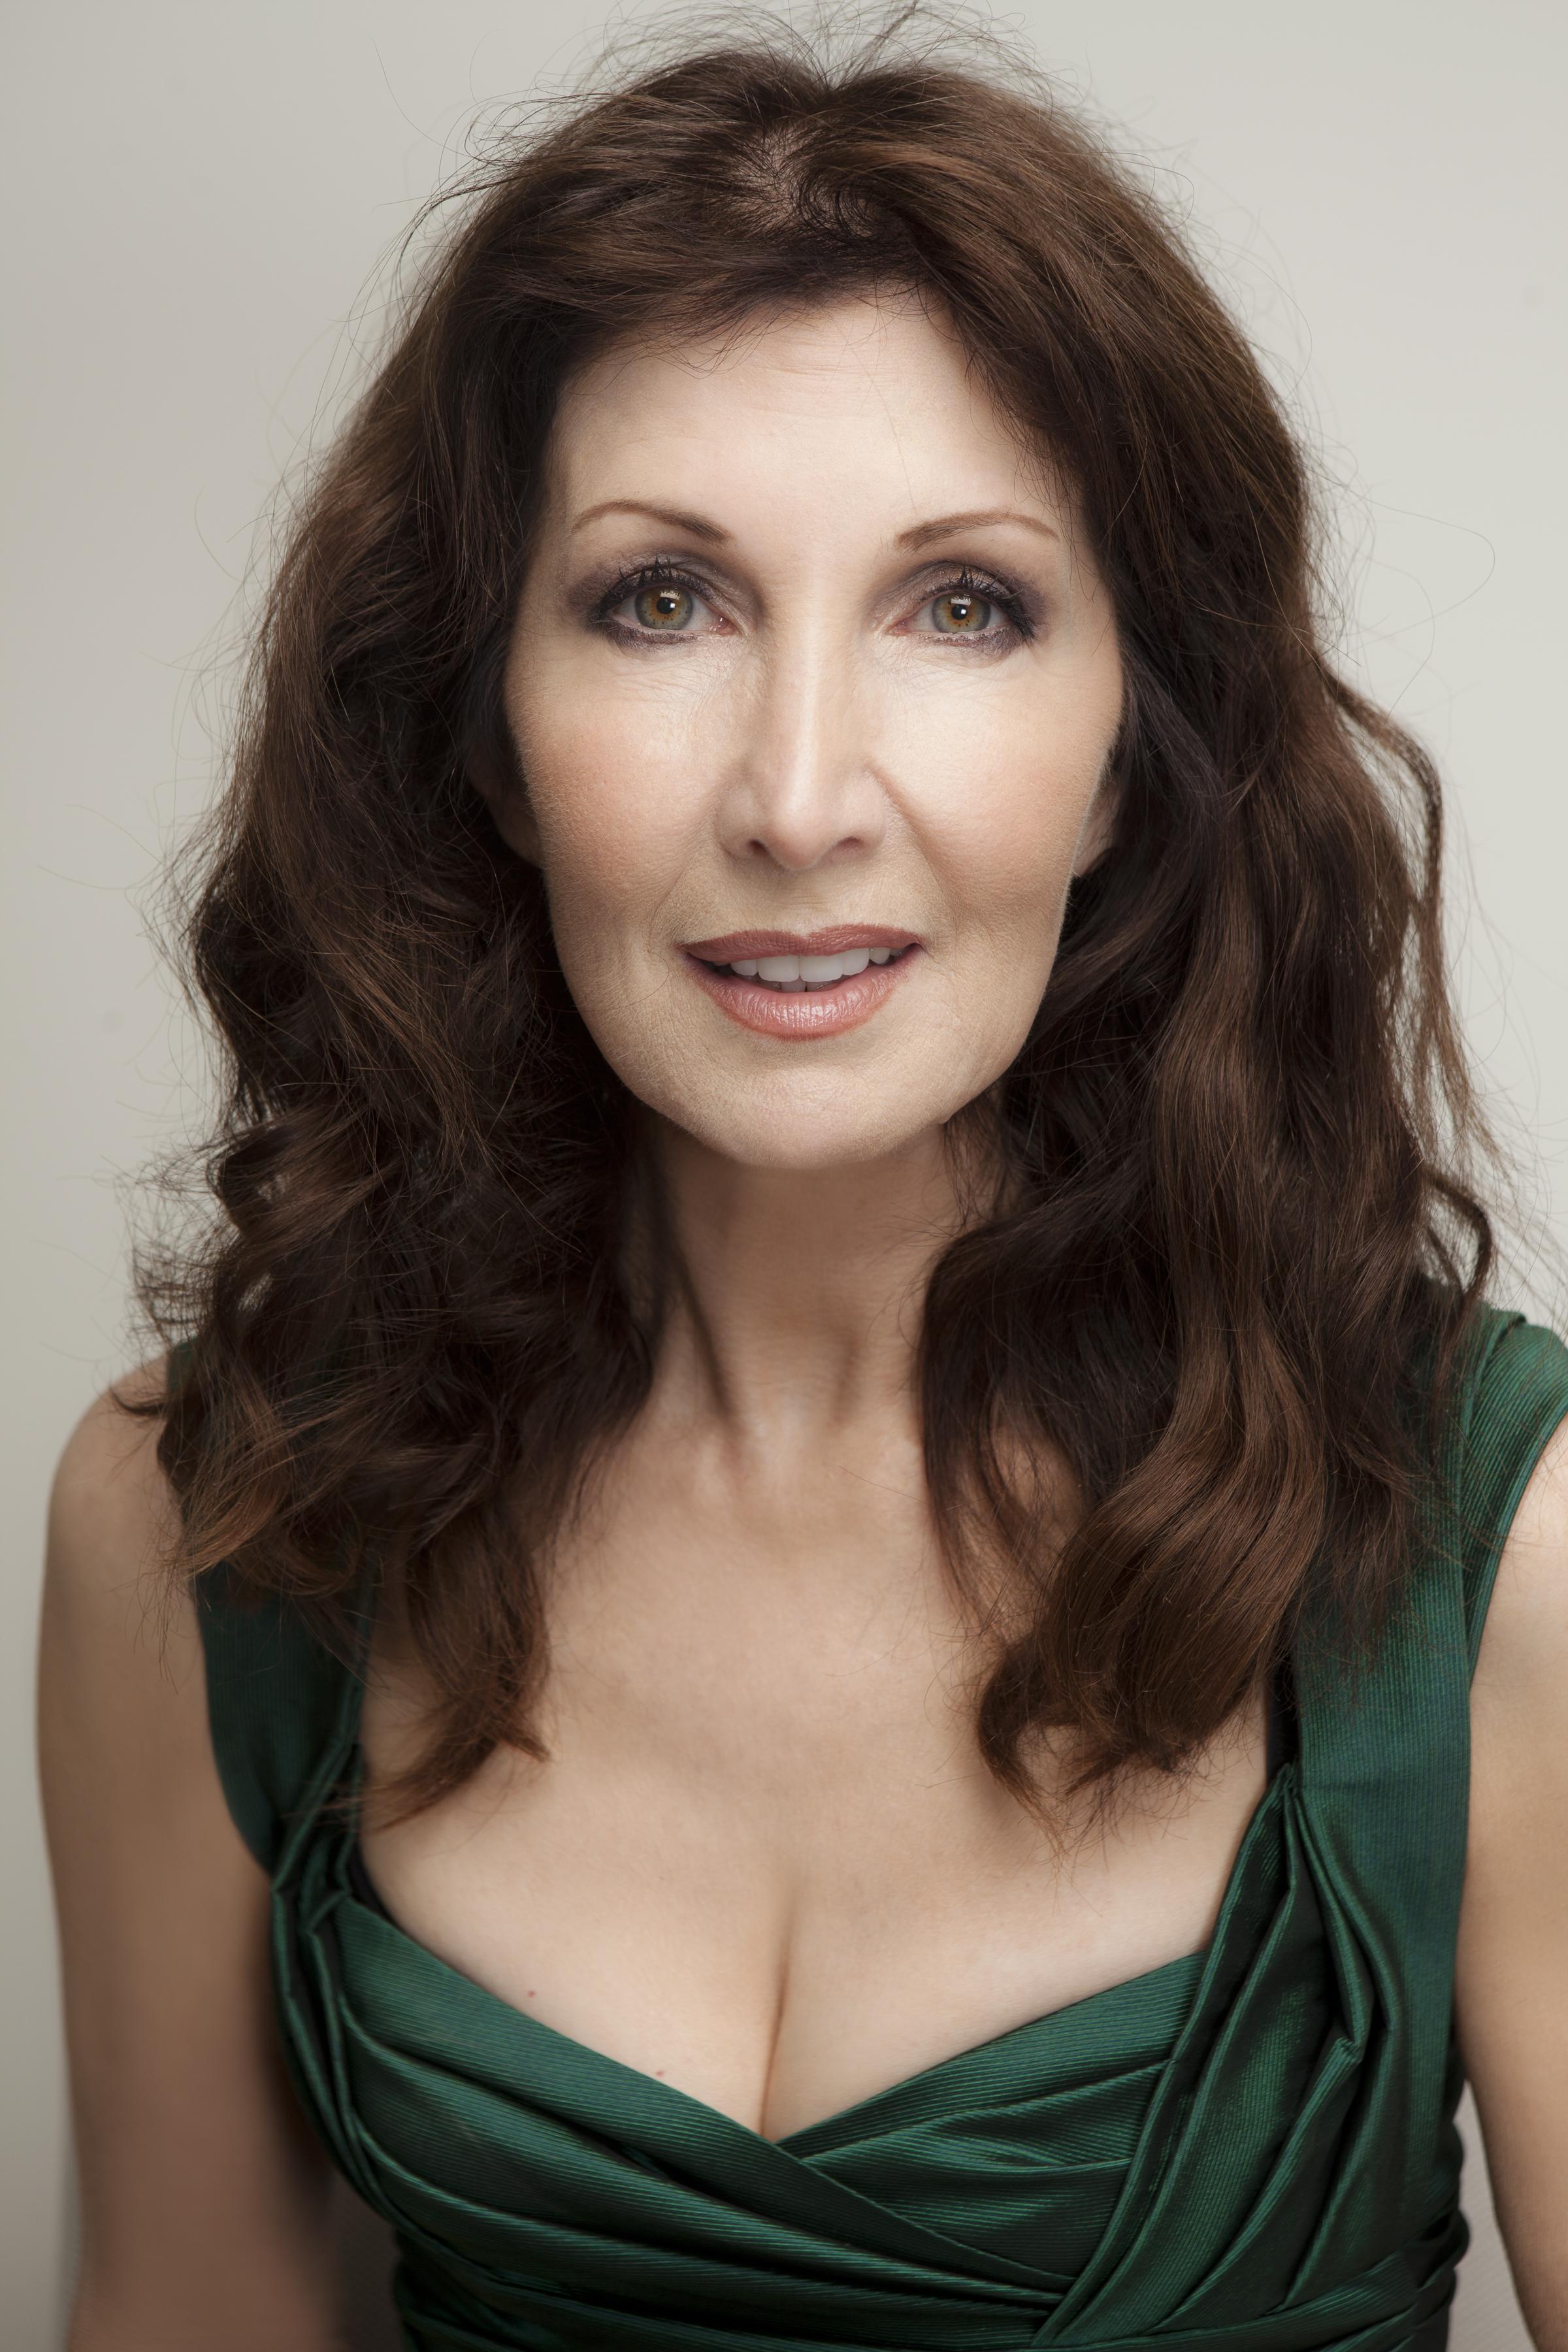 Joanna-Gleason-photo1.jpeg